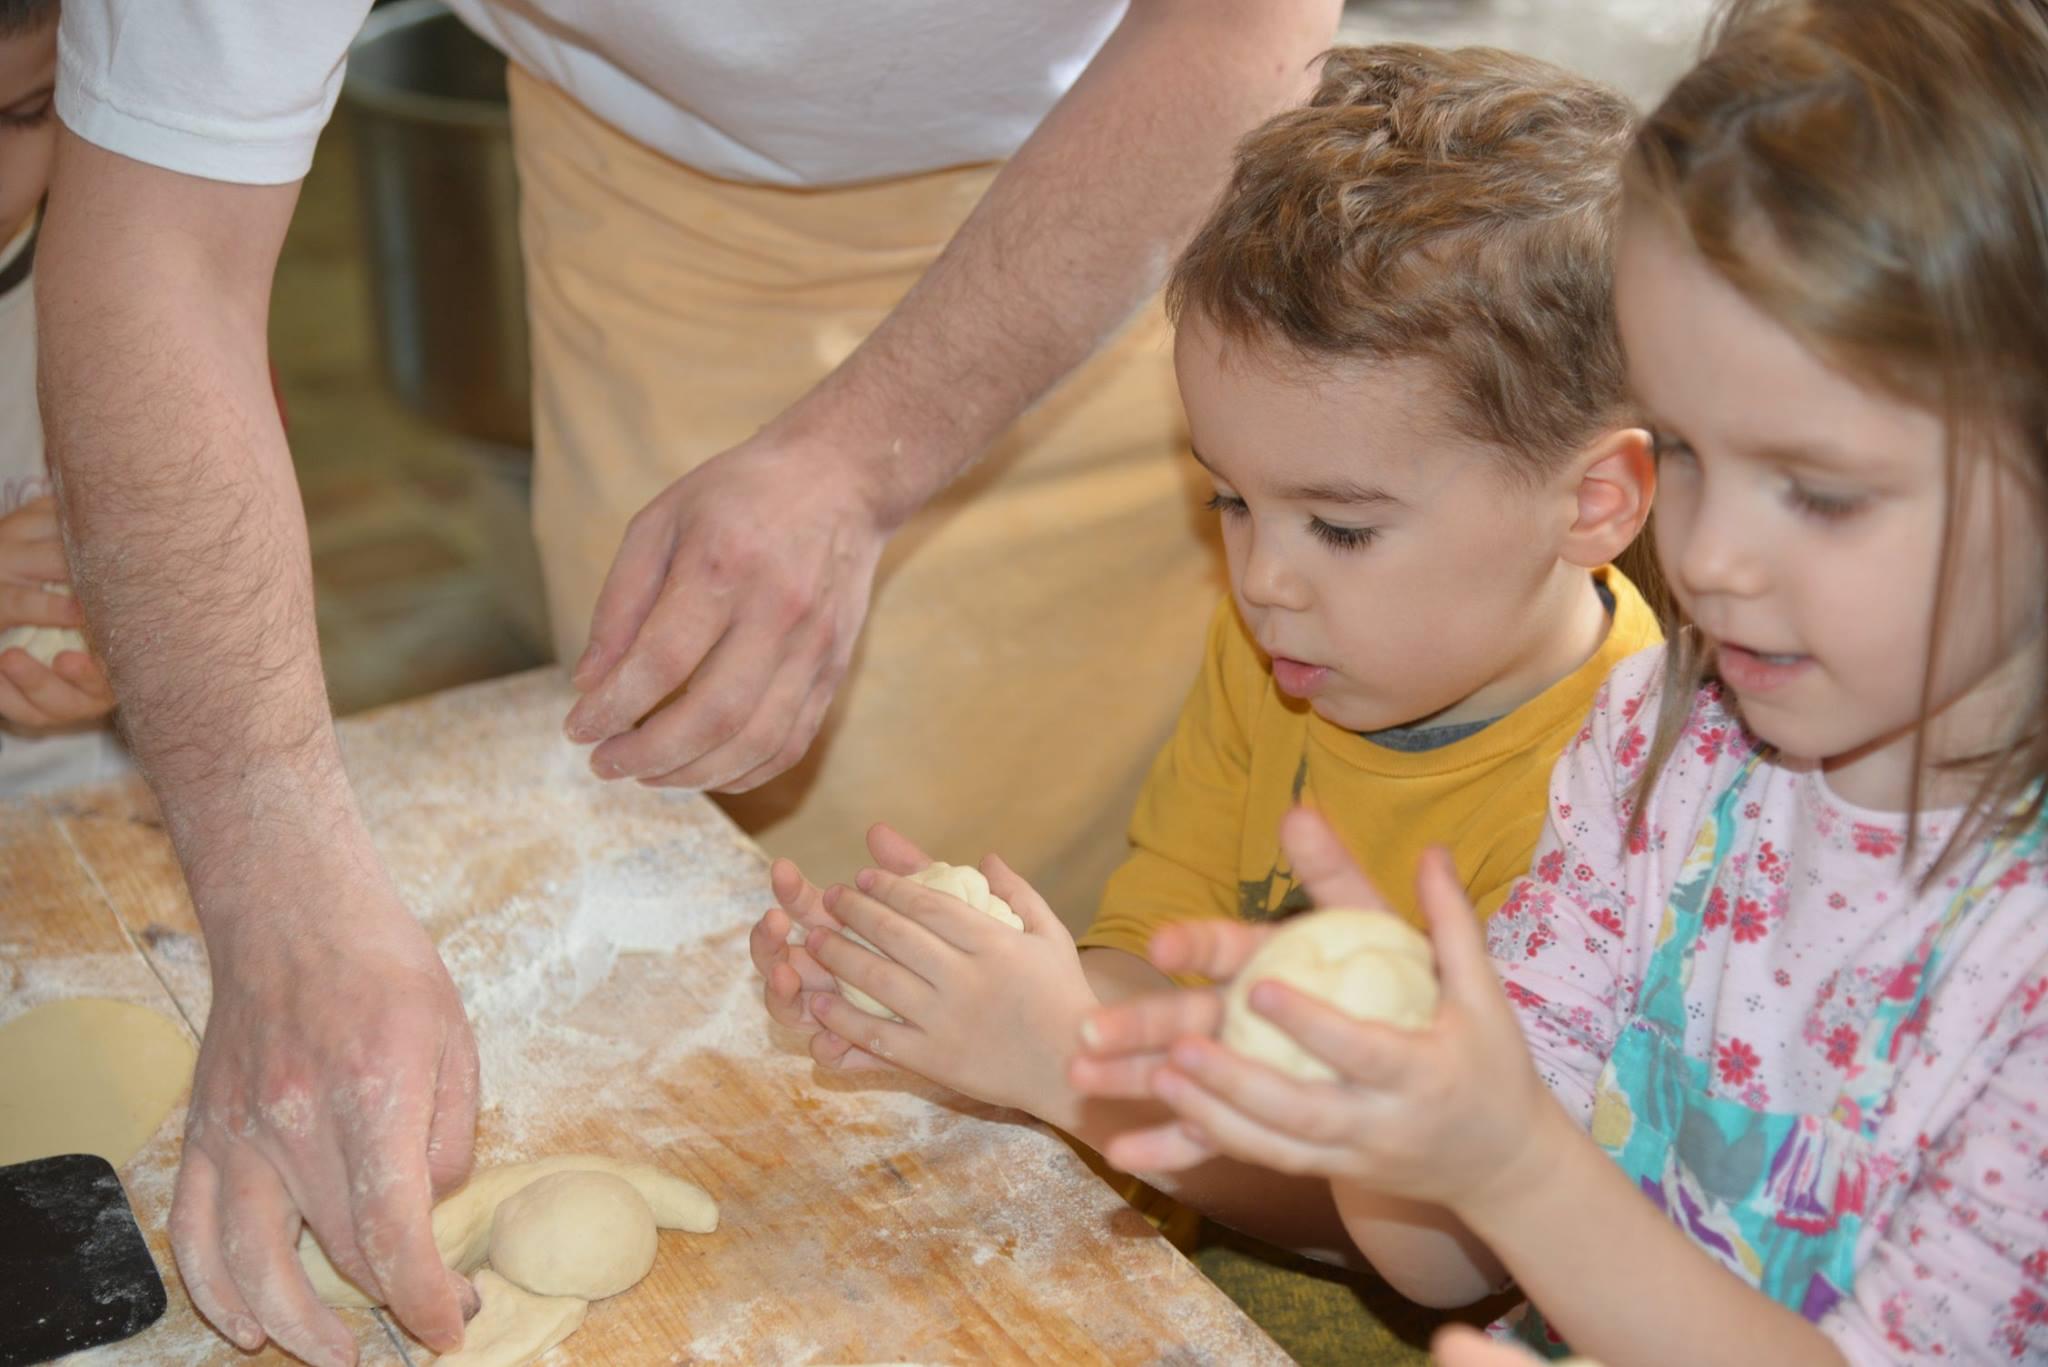 activitatisciale-scoalaaltfel-apr2015_20